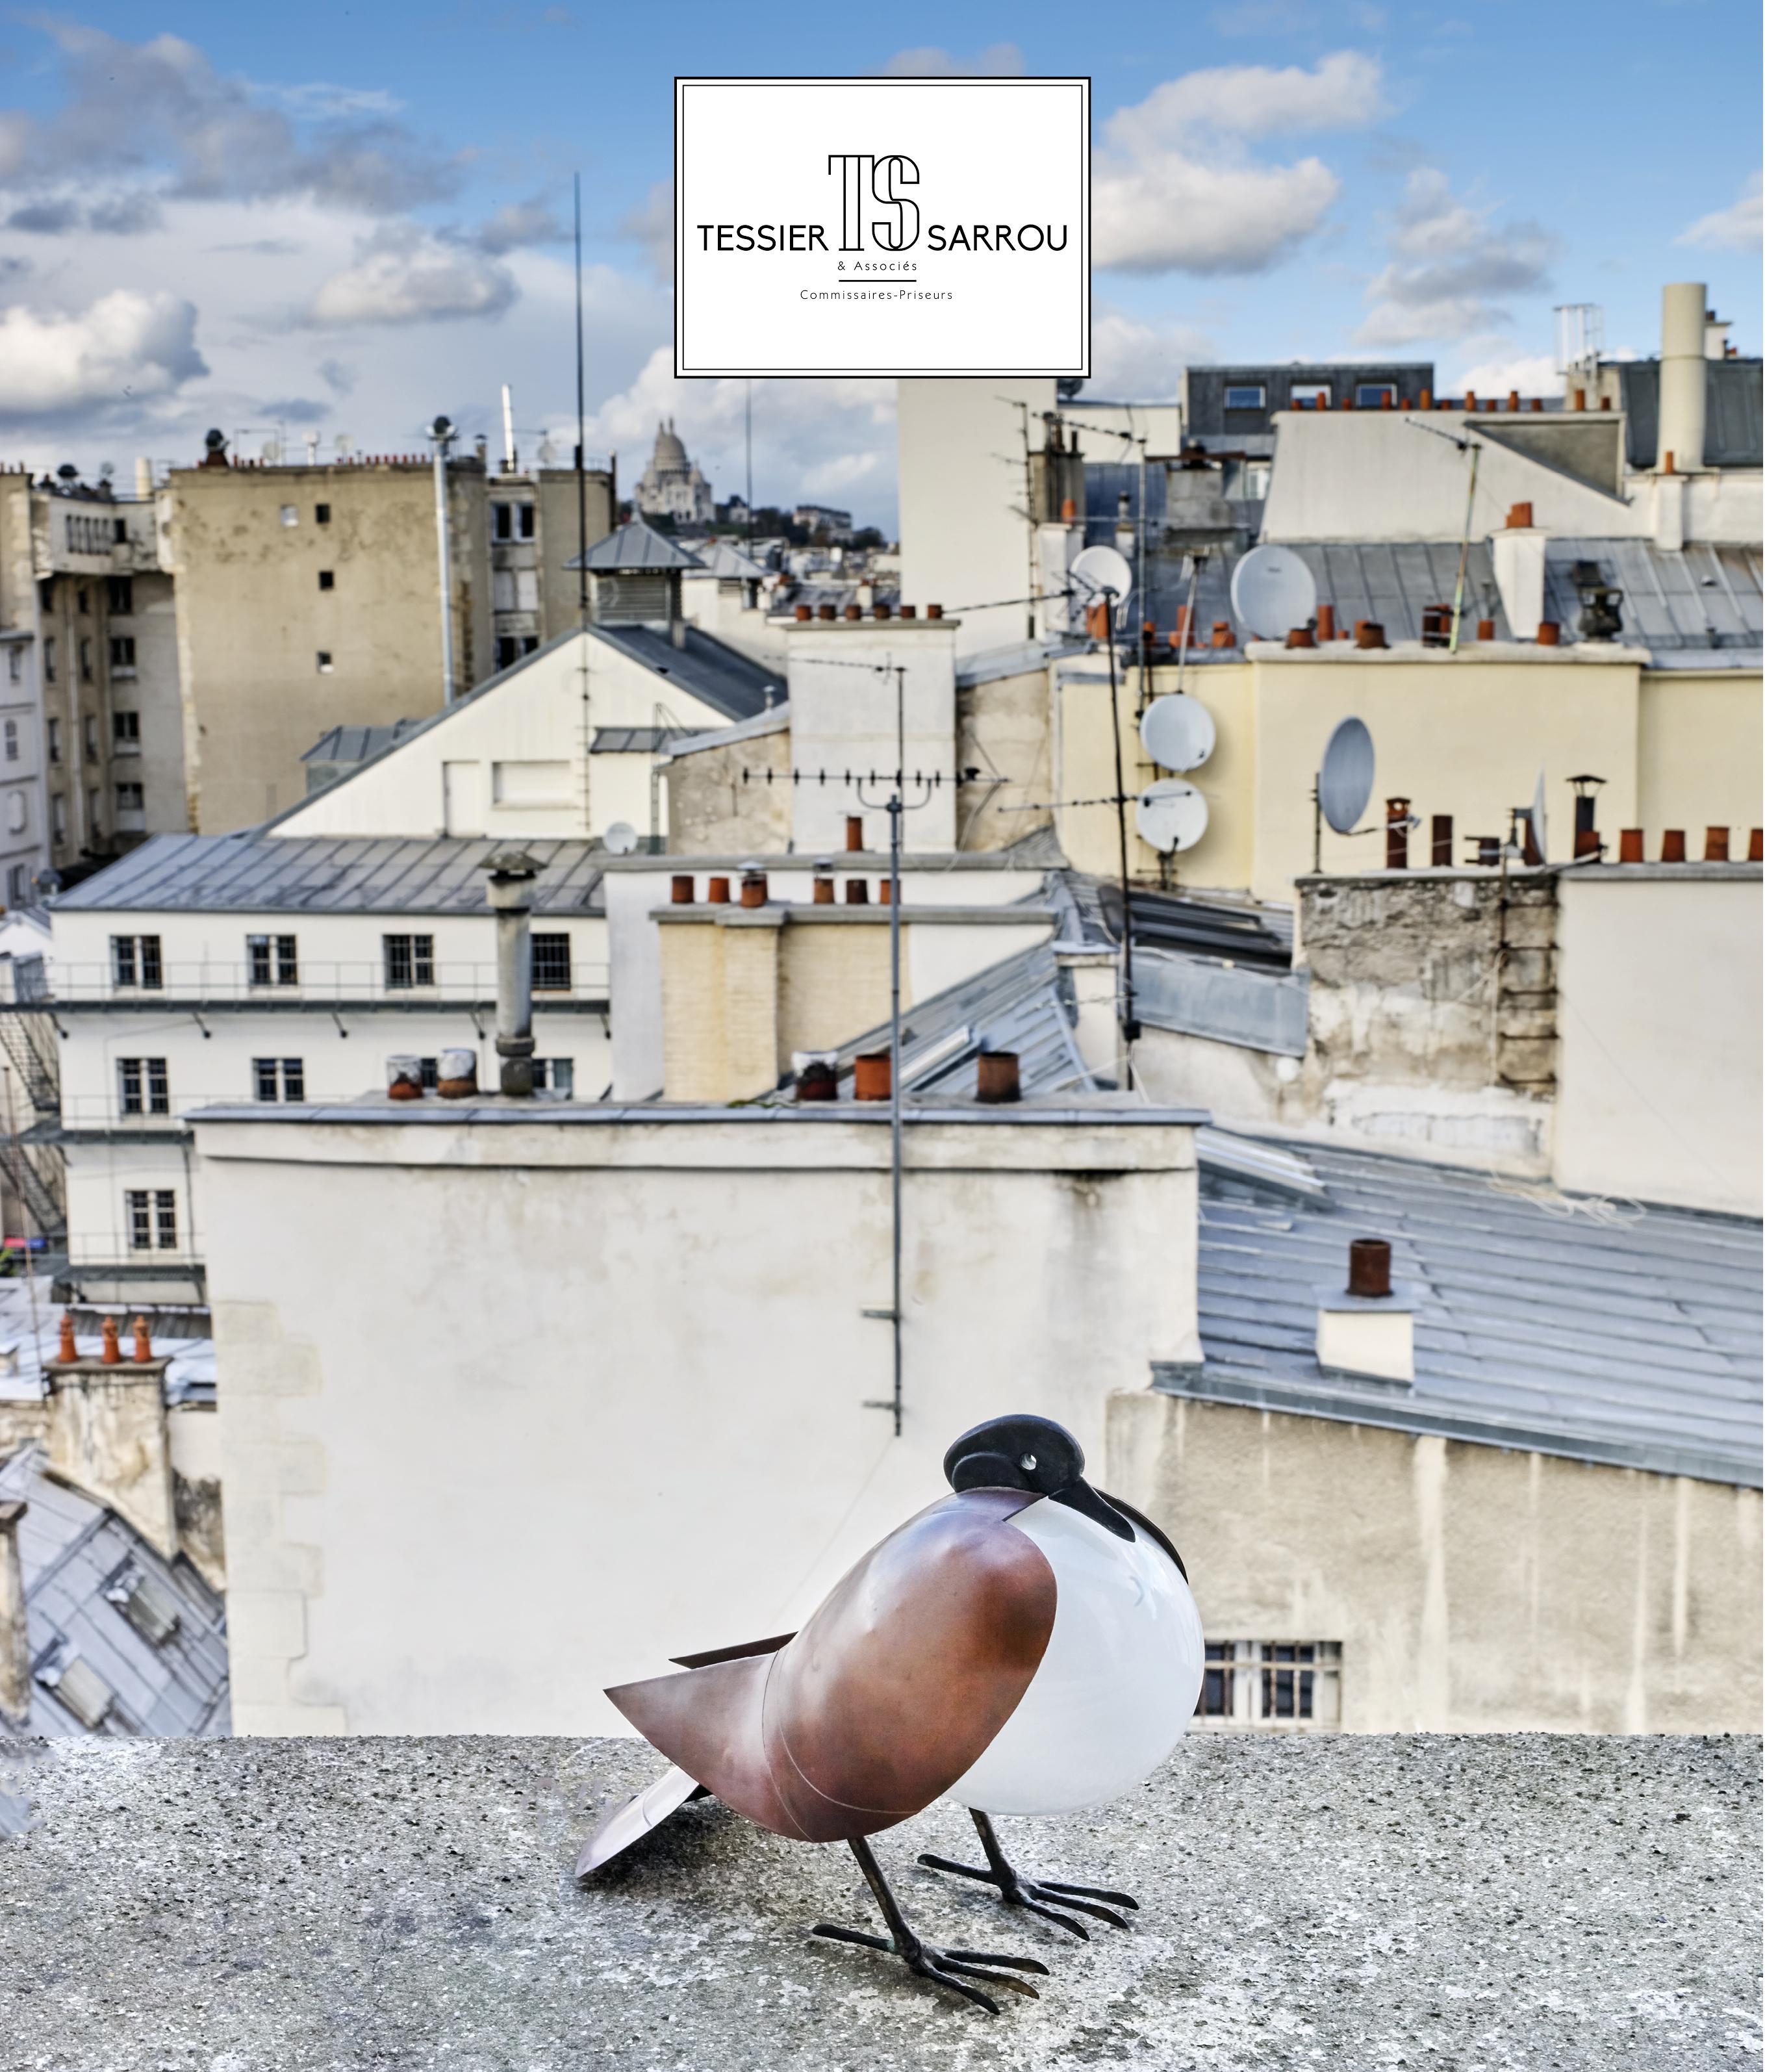 Vente Arts Décoratifs du XXe siècle  chez Tessier-Sarrou & Associés : 272 lots